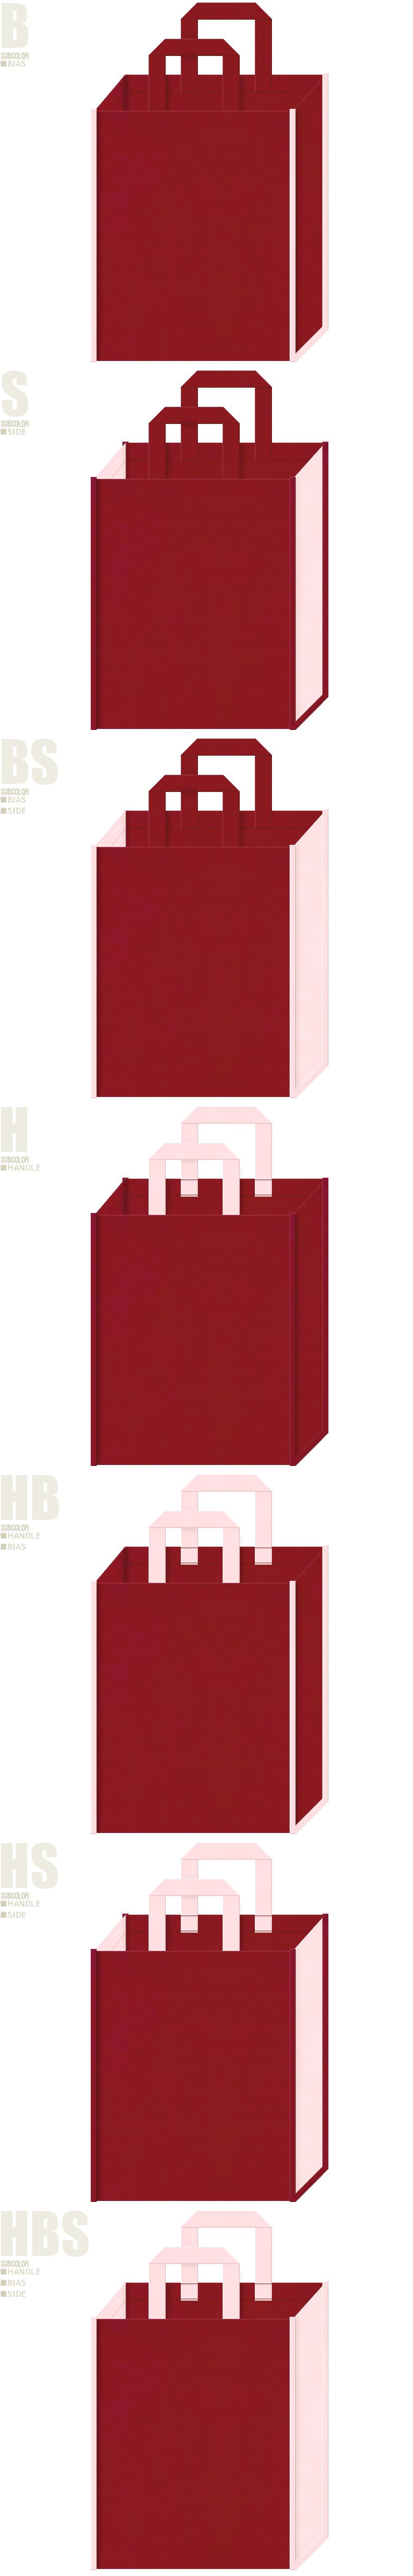 エンジ色と桜色、7パターンの不織布トートバッグ配色デザイン例。着物・振袖風。